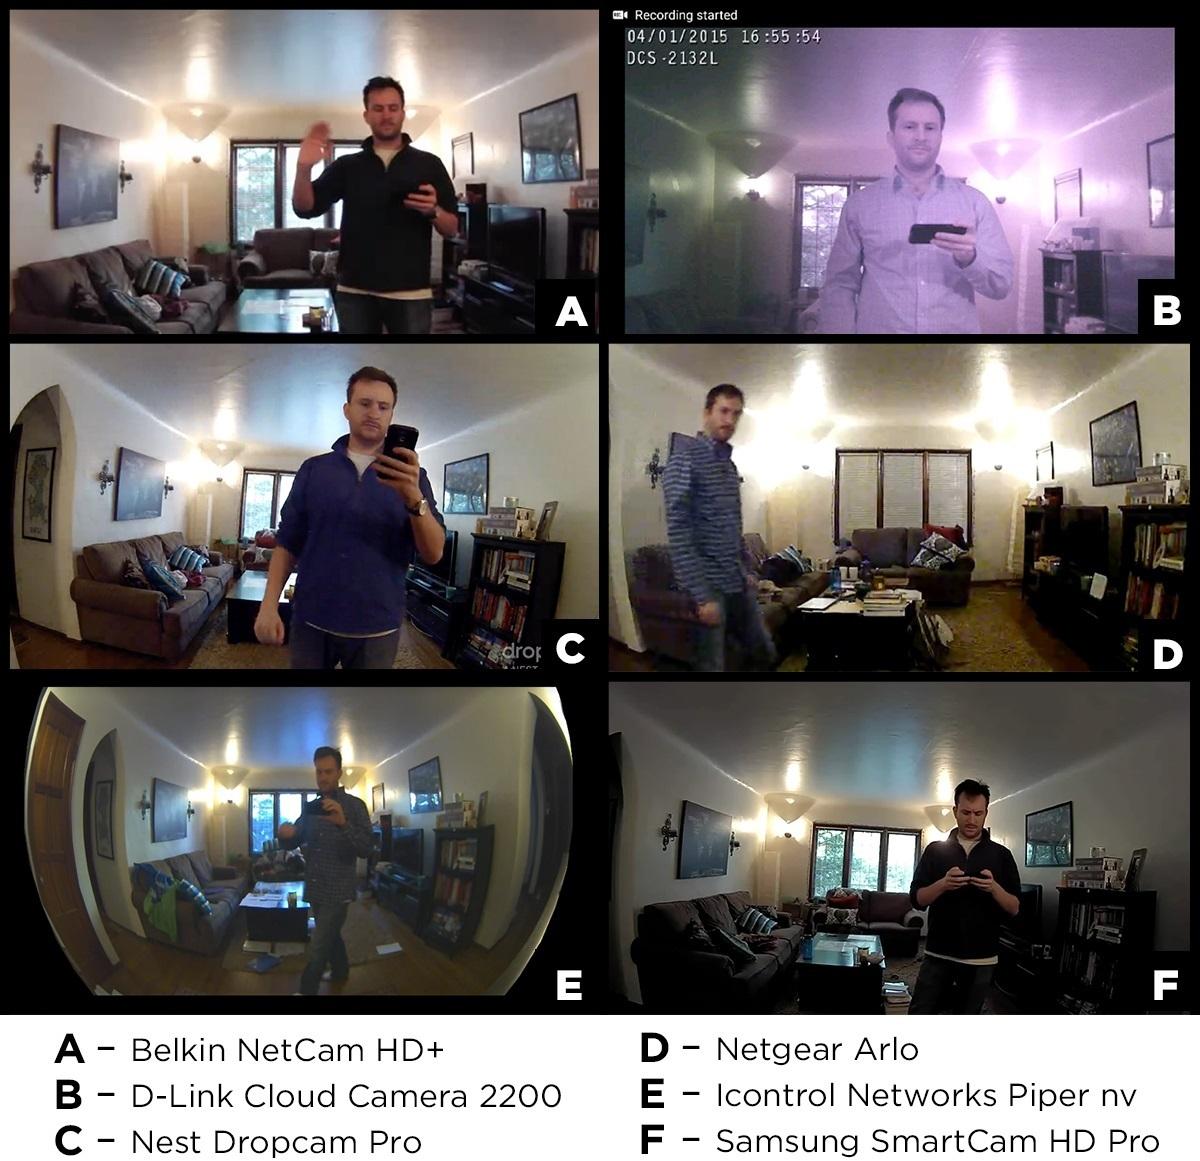 Le migliori telecamere di sorveglianza del momento - Tom's Hardware